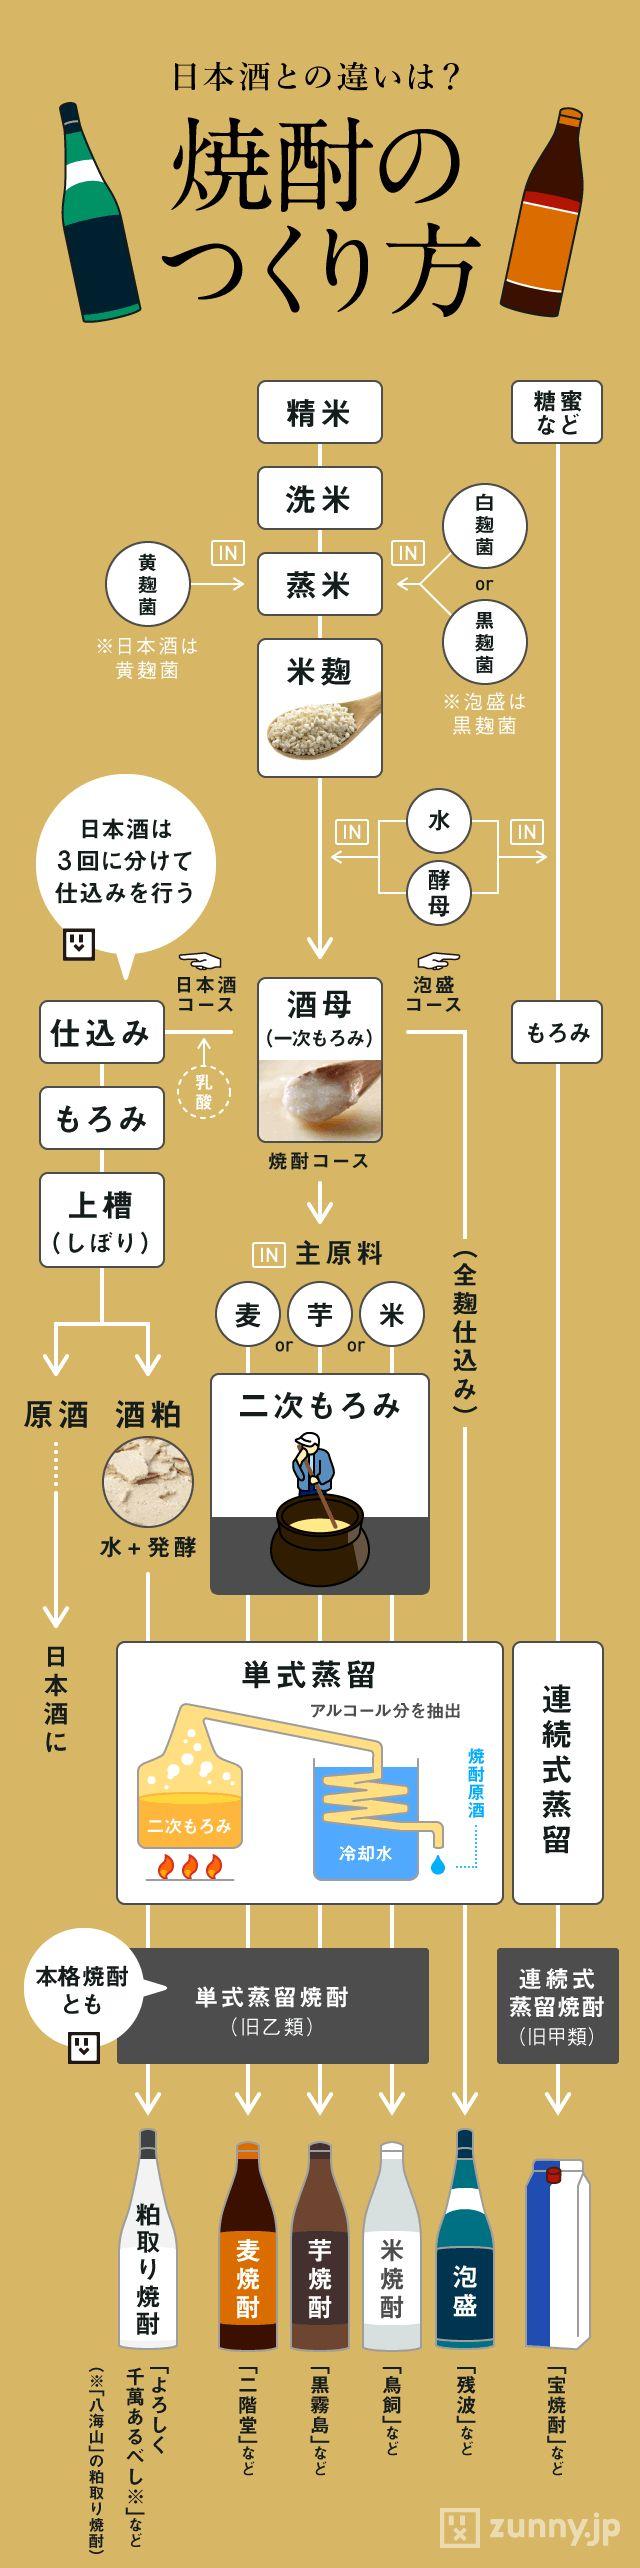 実は日本酒と近い?「焼酎のつくり方」を図解 | ZUNNY インフォグラフィック・ニュース